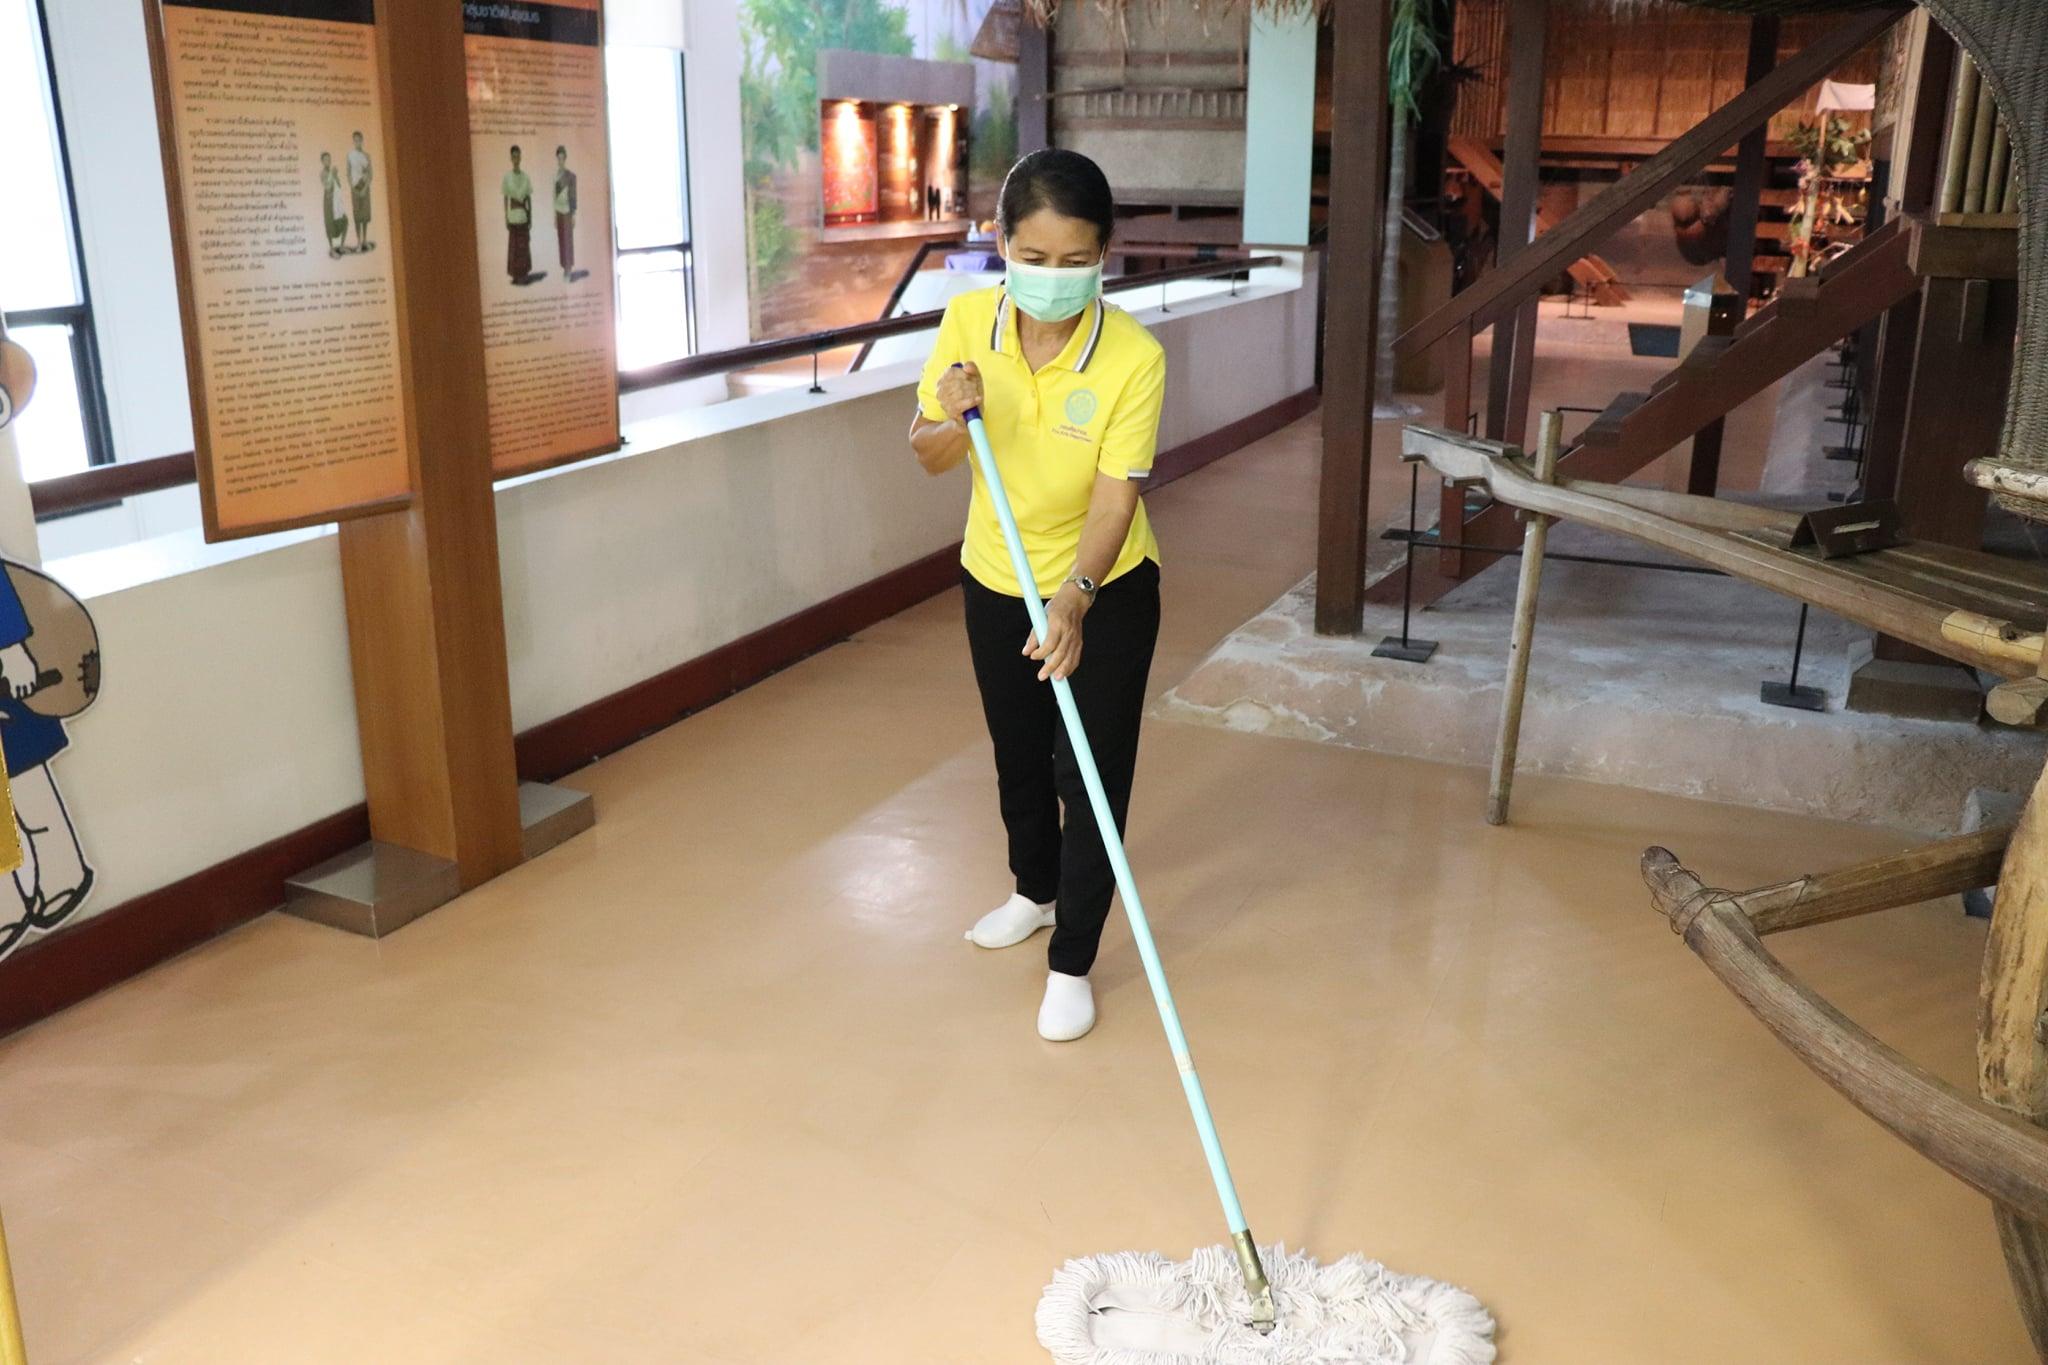 กิจกรรม   Big Cleaning Day   ประจำวันอาทิตย์ที่ ๑๔ กุมภาพันธ์ พ.ศ. ๒๕๖๔